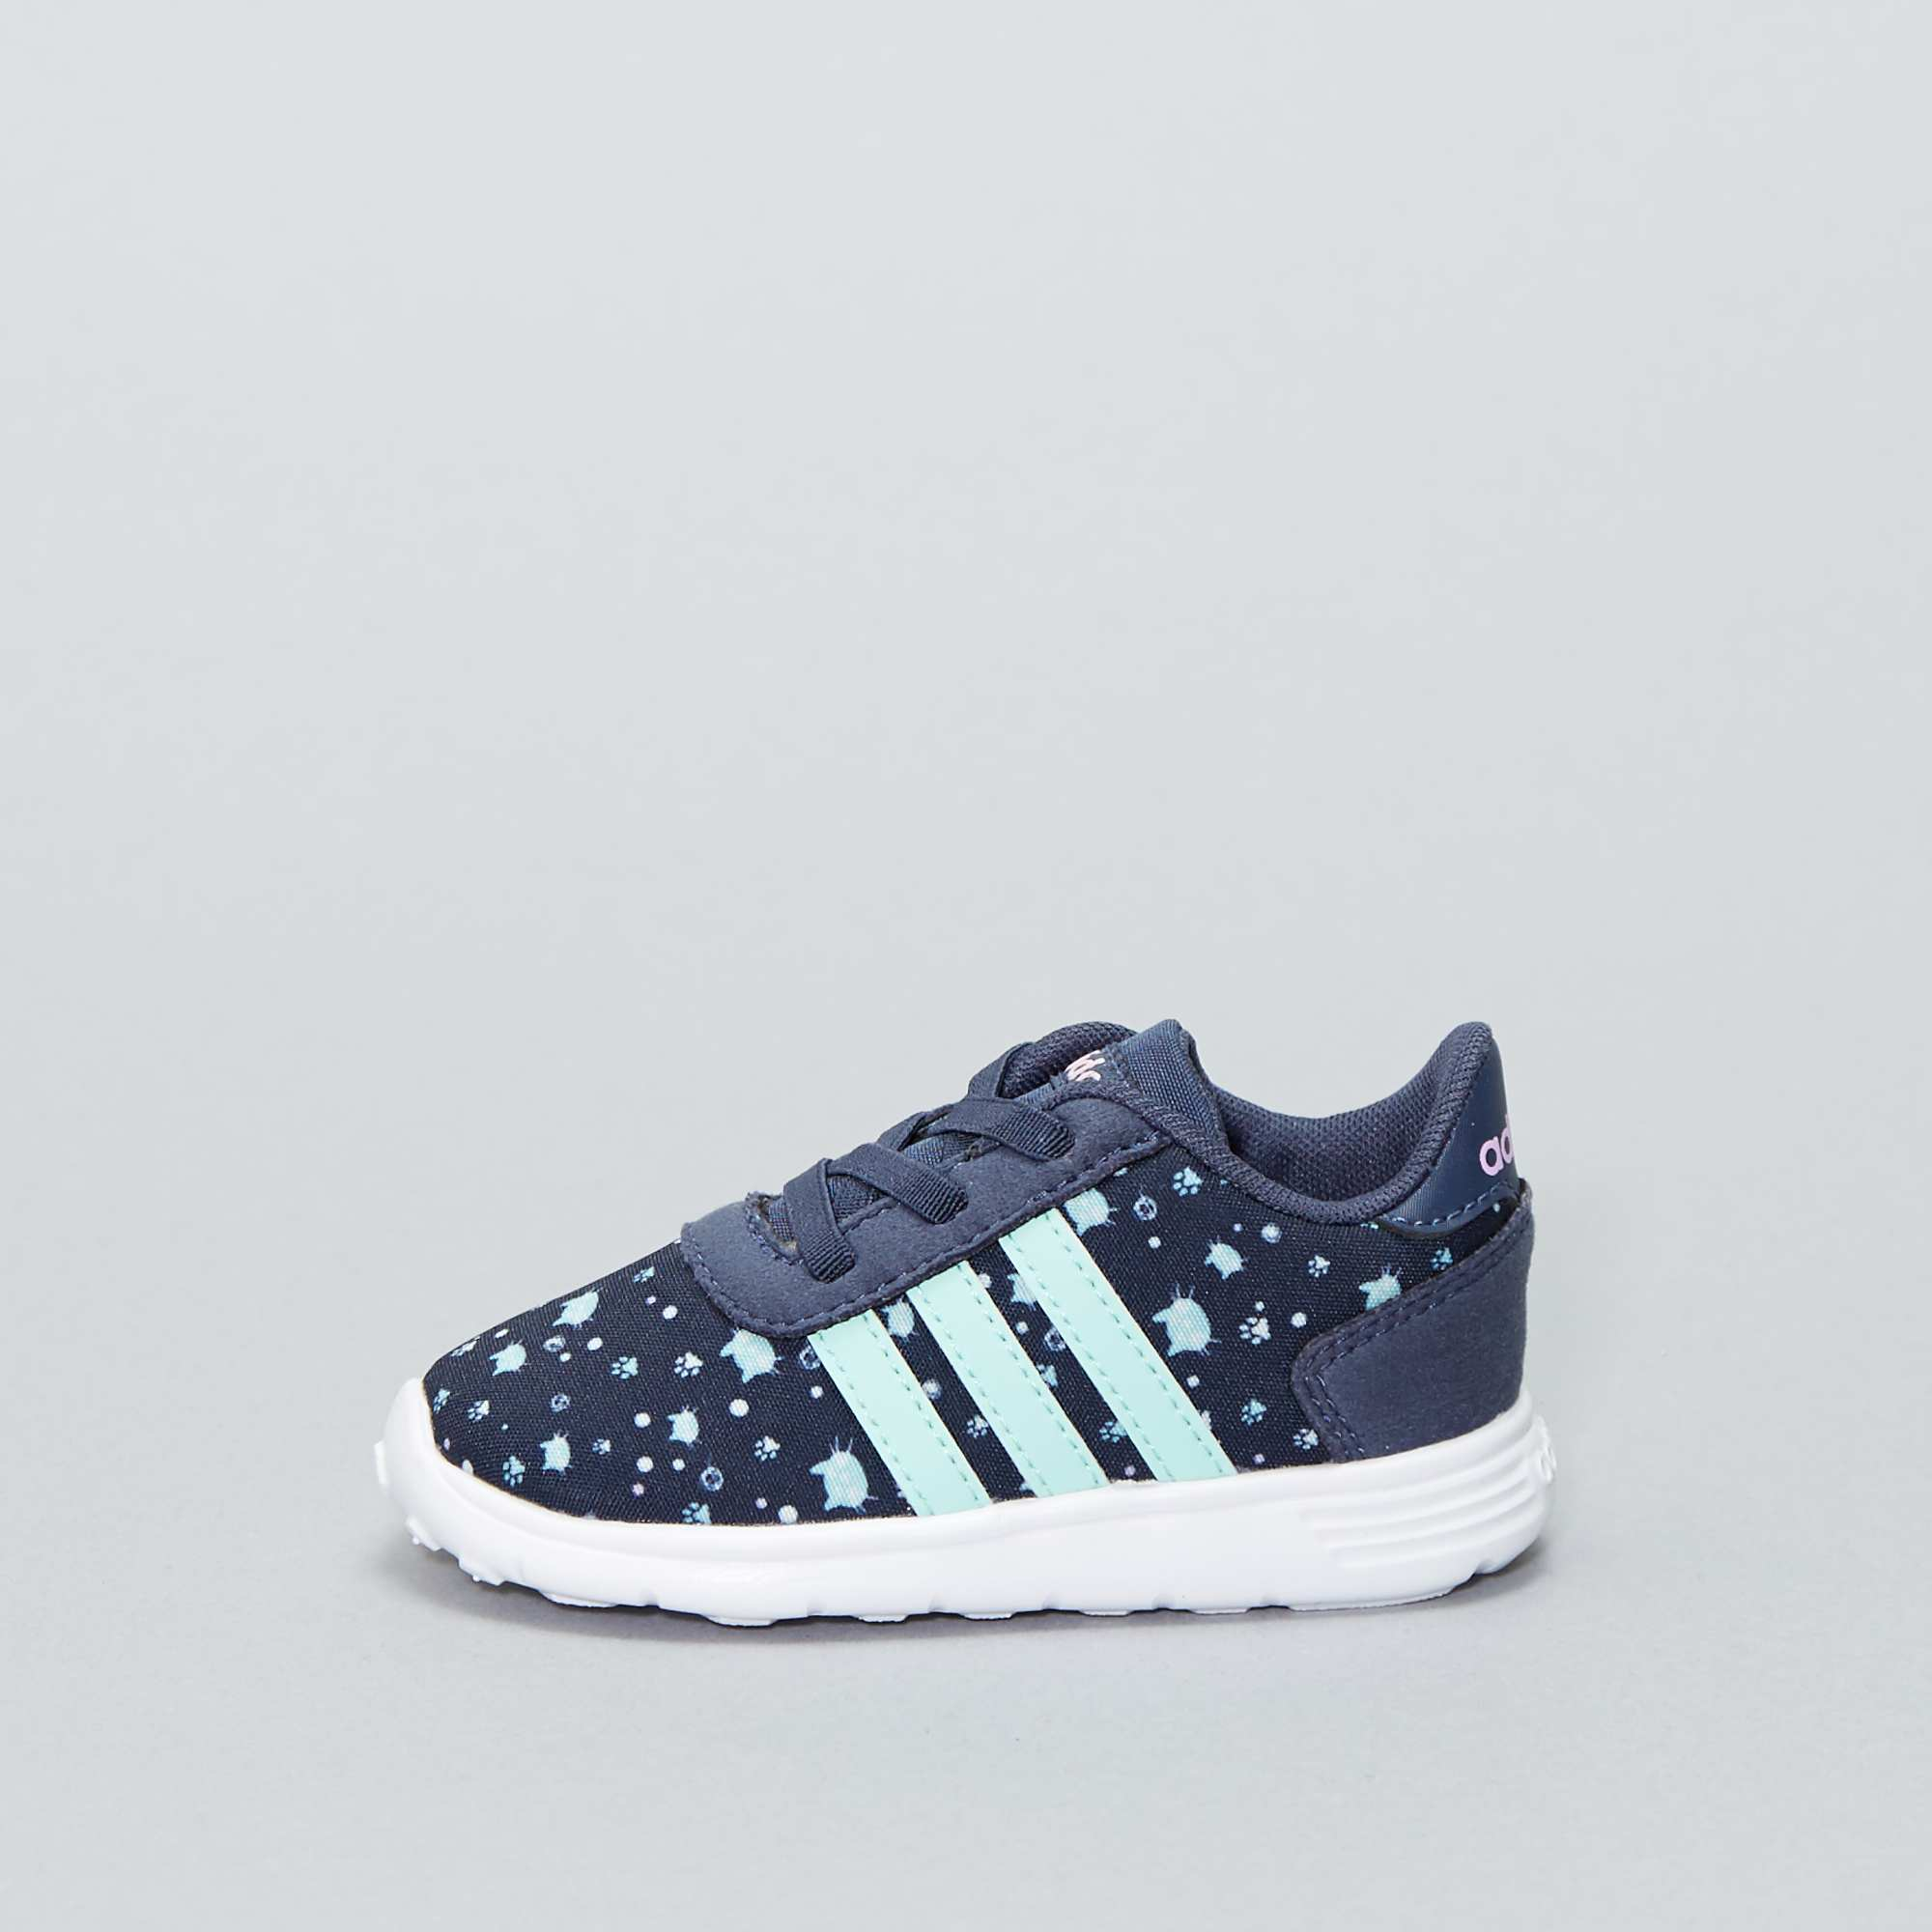 5ccf297f2 Zapatillas deportivas  Adidas Lite Racer INF  Bebé niña - AZUL ...